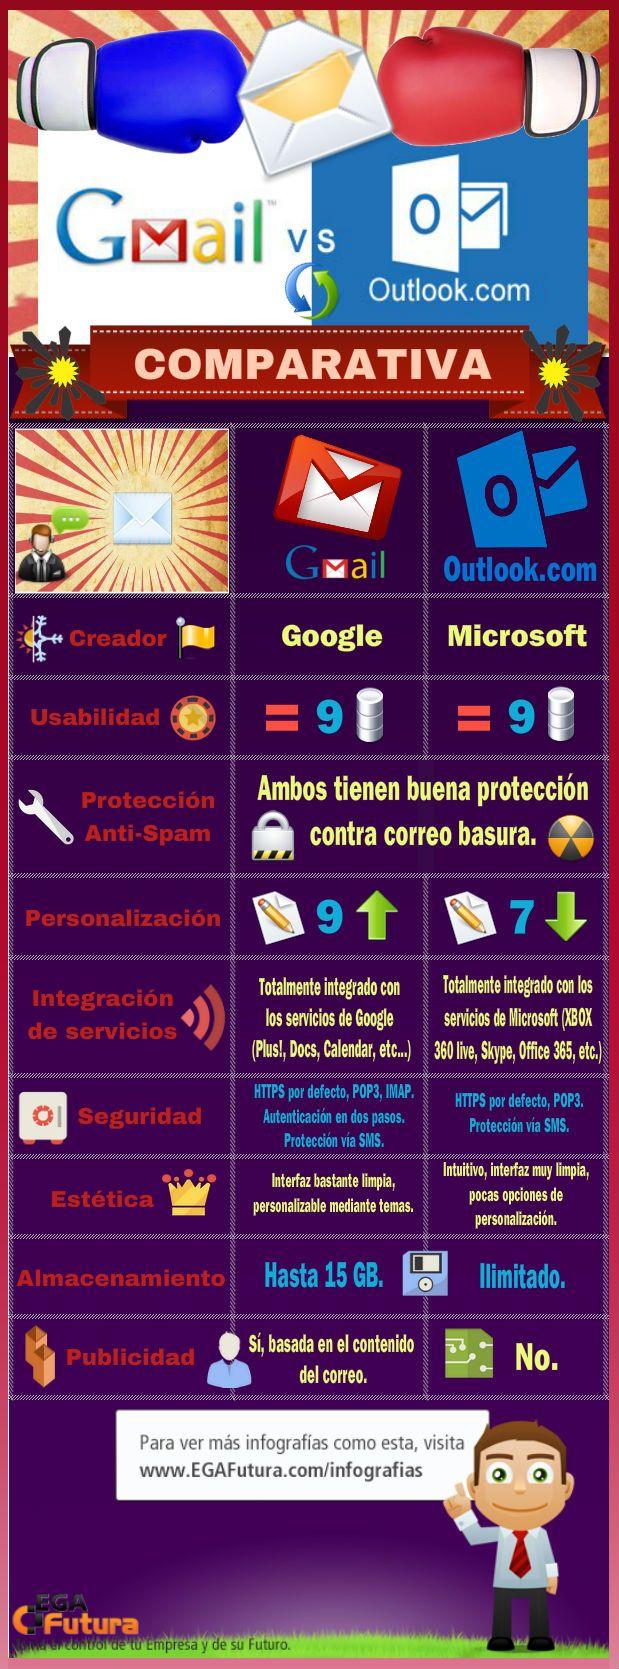 Gmail vs Outlook(.com) #infografia